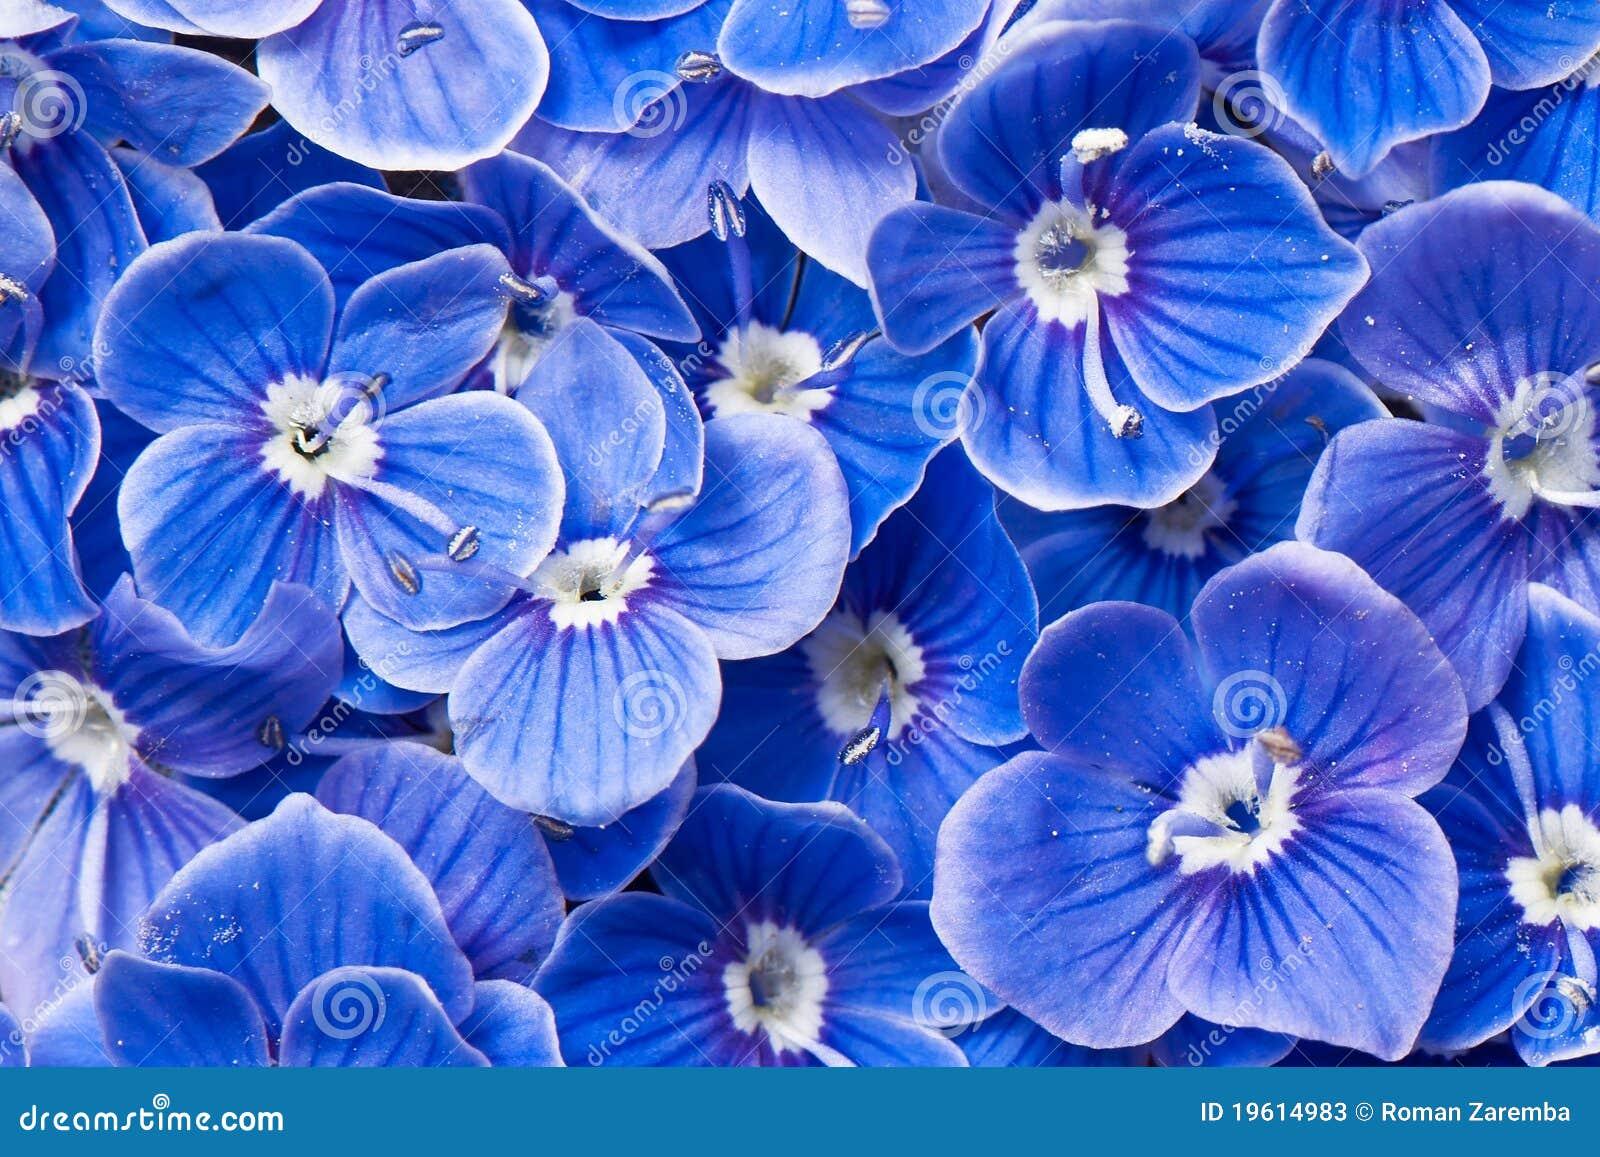 blaue blumen stockbild bild von blume sonderkommando 19614983. Black Bedroom Furniture Sets. Home Design Ideas